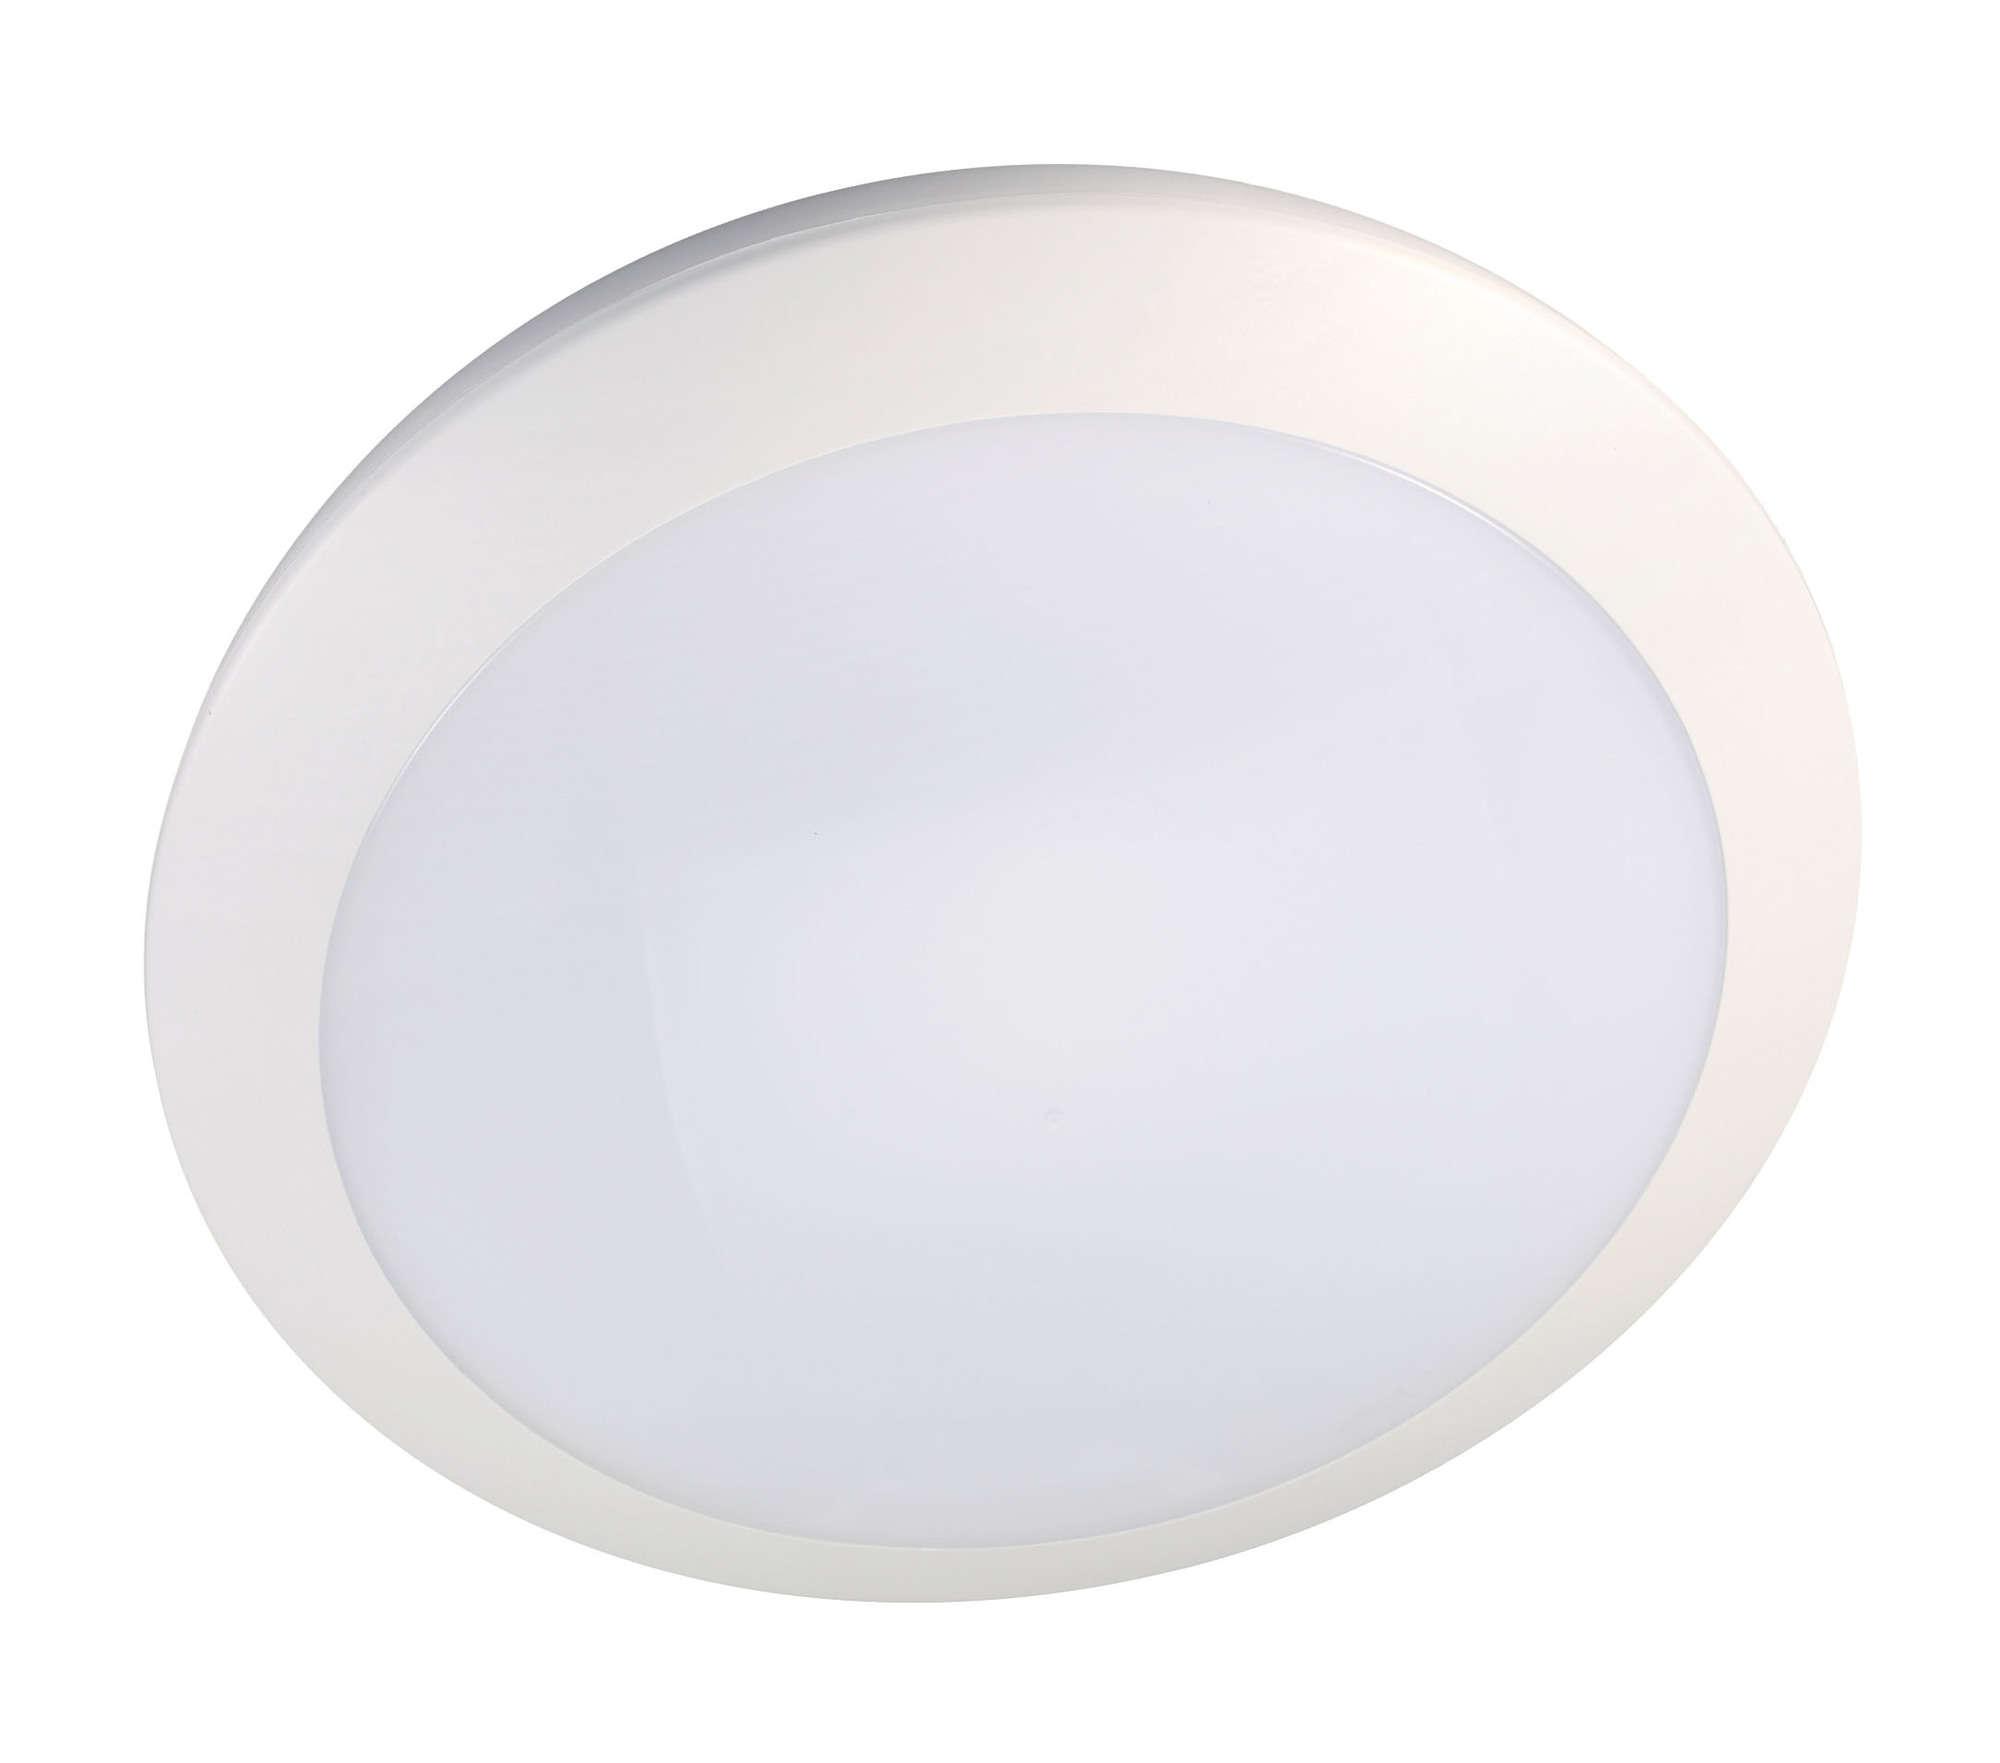 Đèn ốp trần cảm ứng chuyển động MS329D